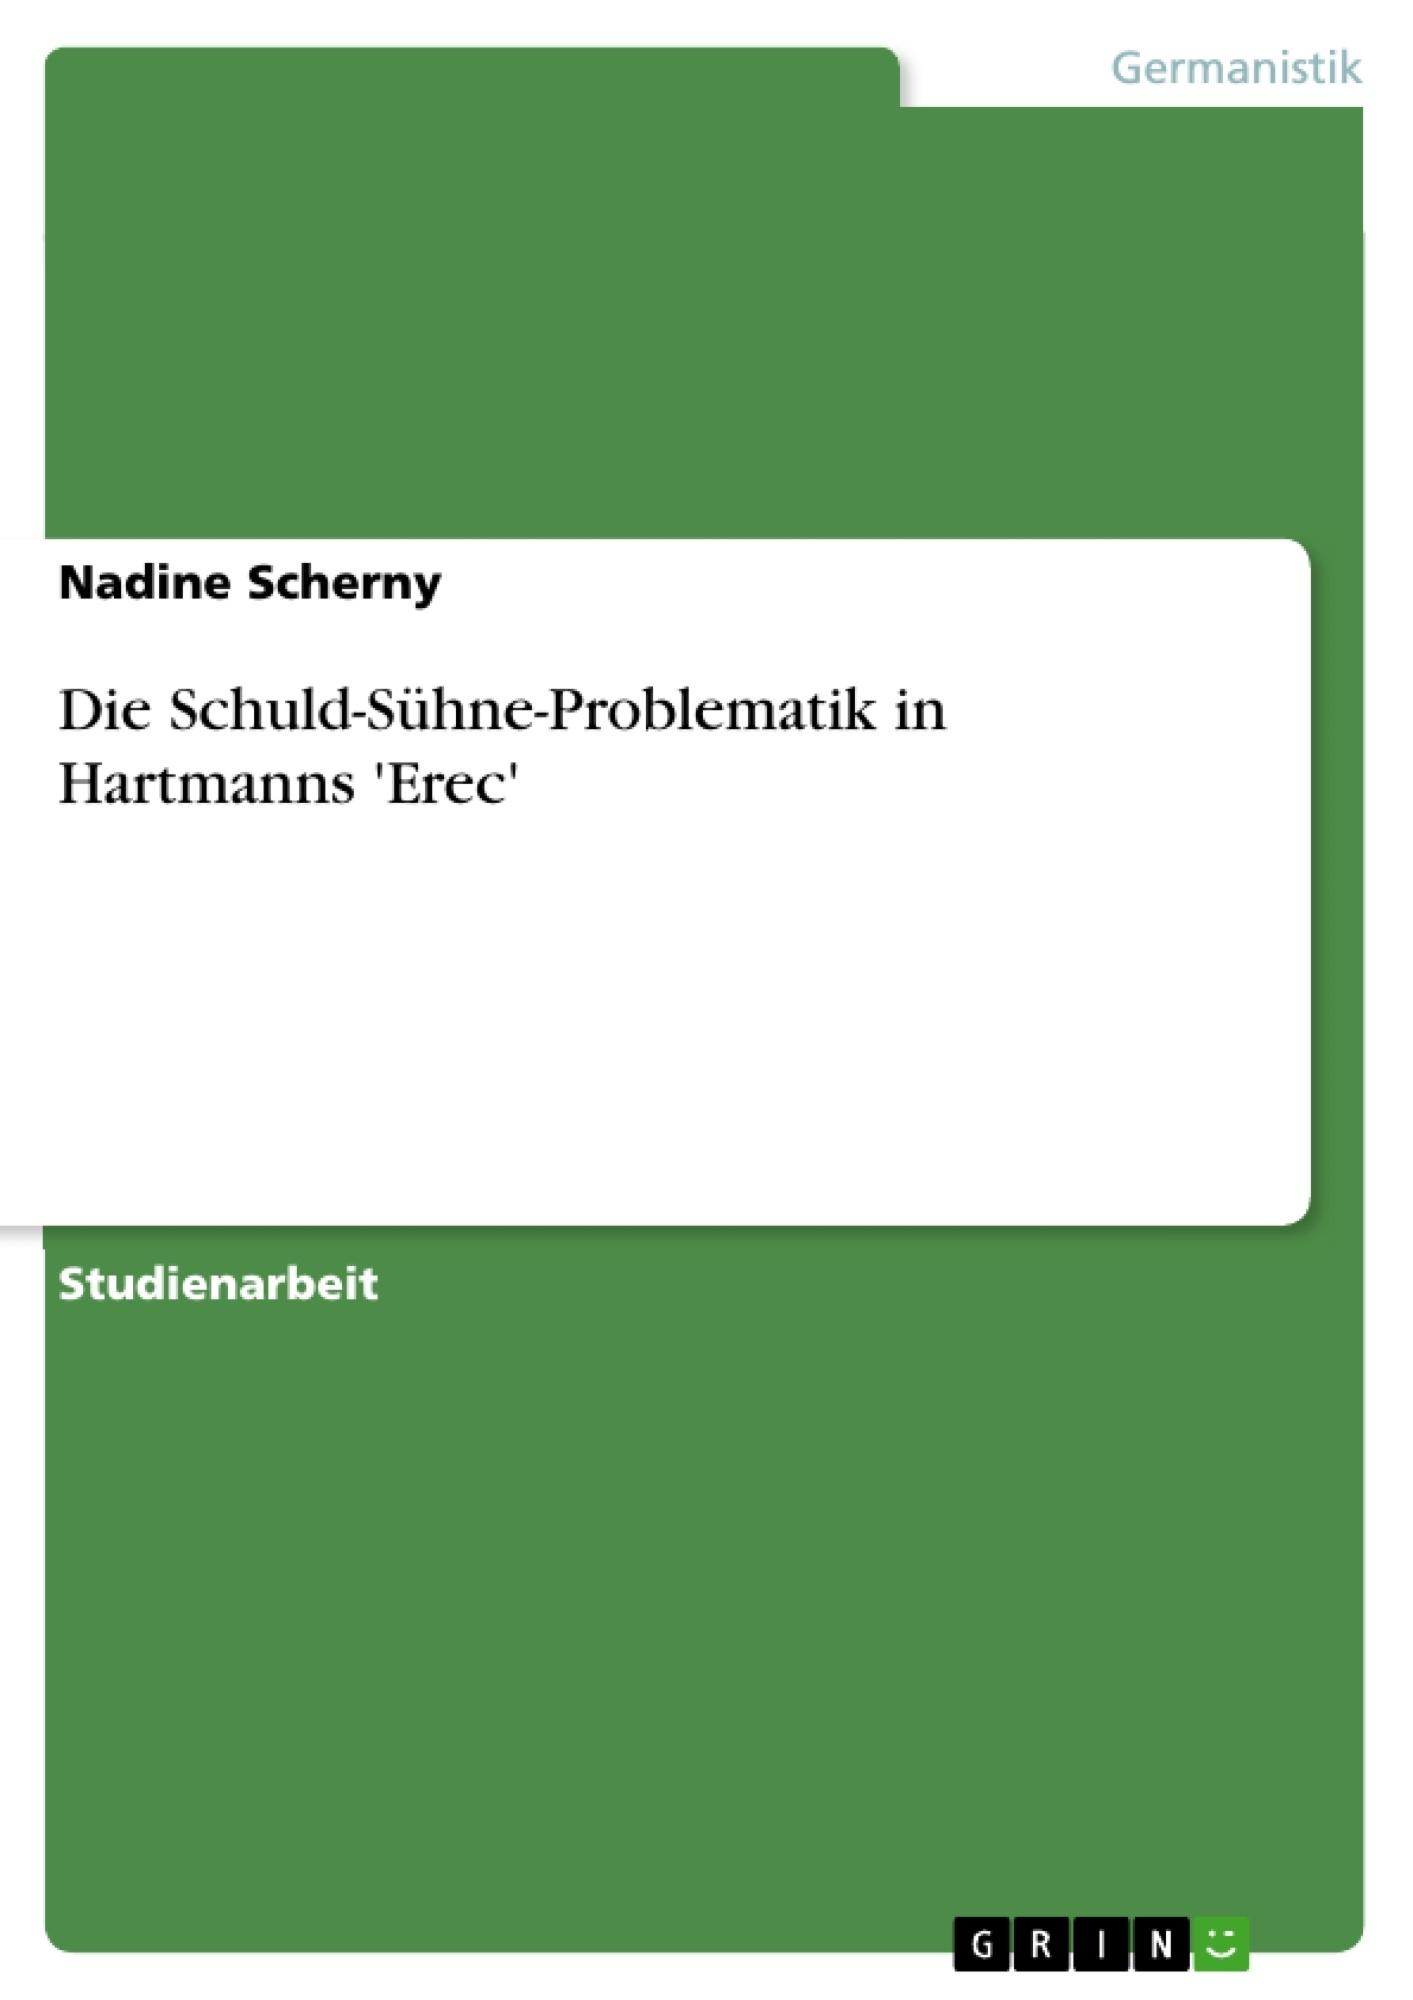 Titel: Die Schuld-Sühne-Problematik in Hartmanns 'Erec'